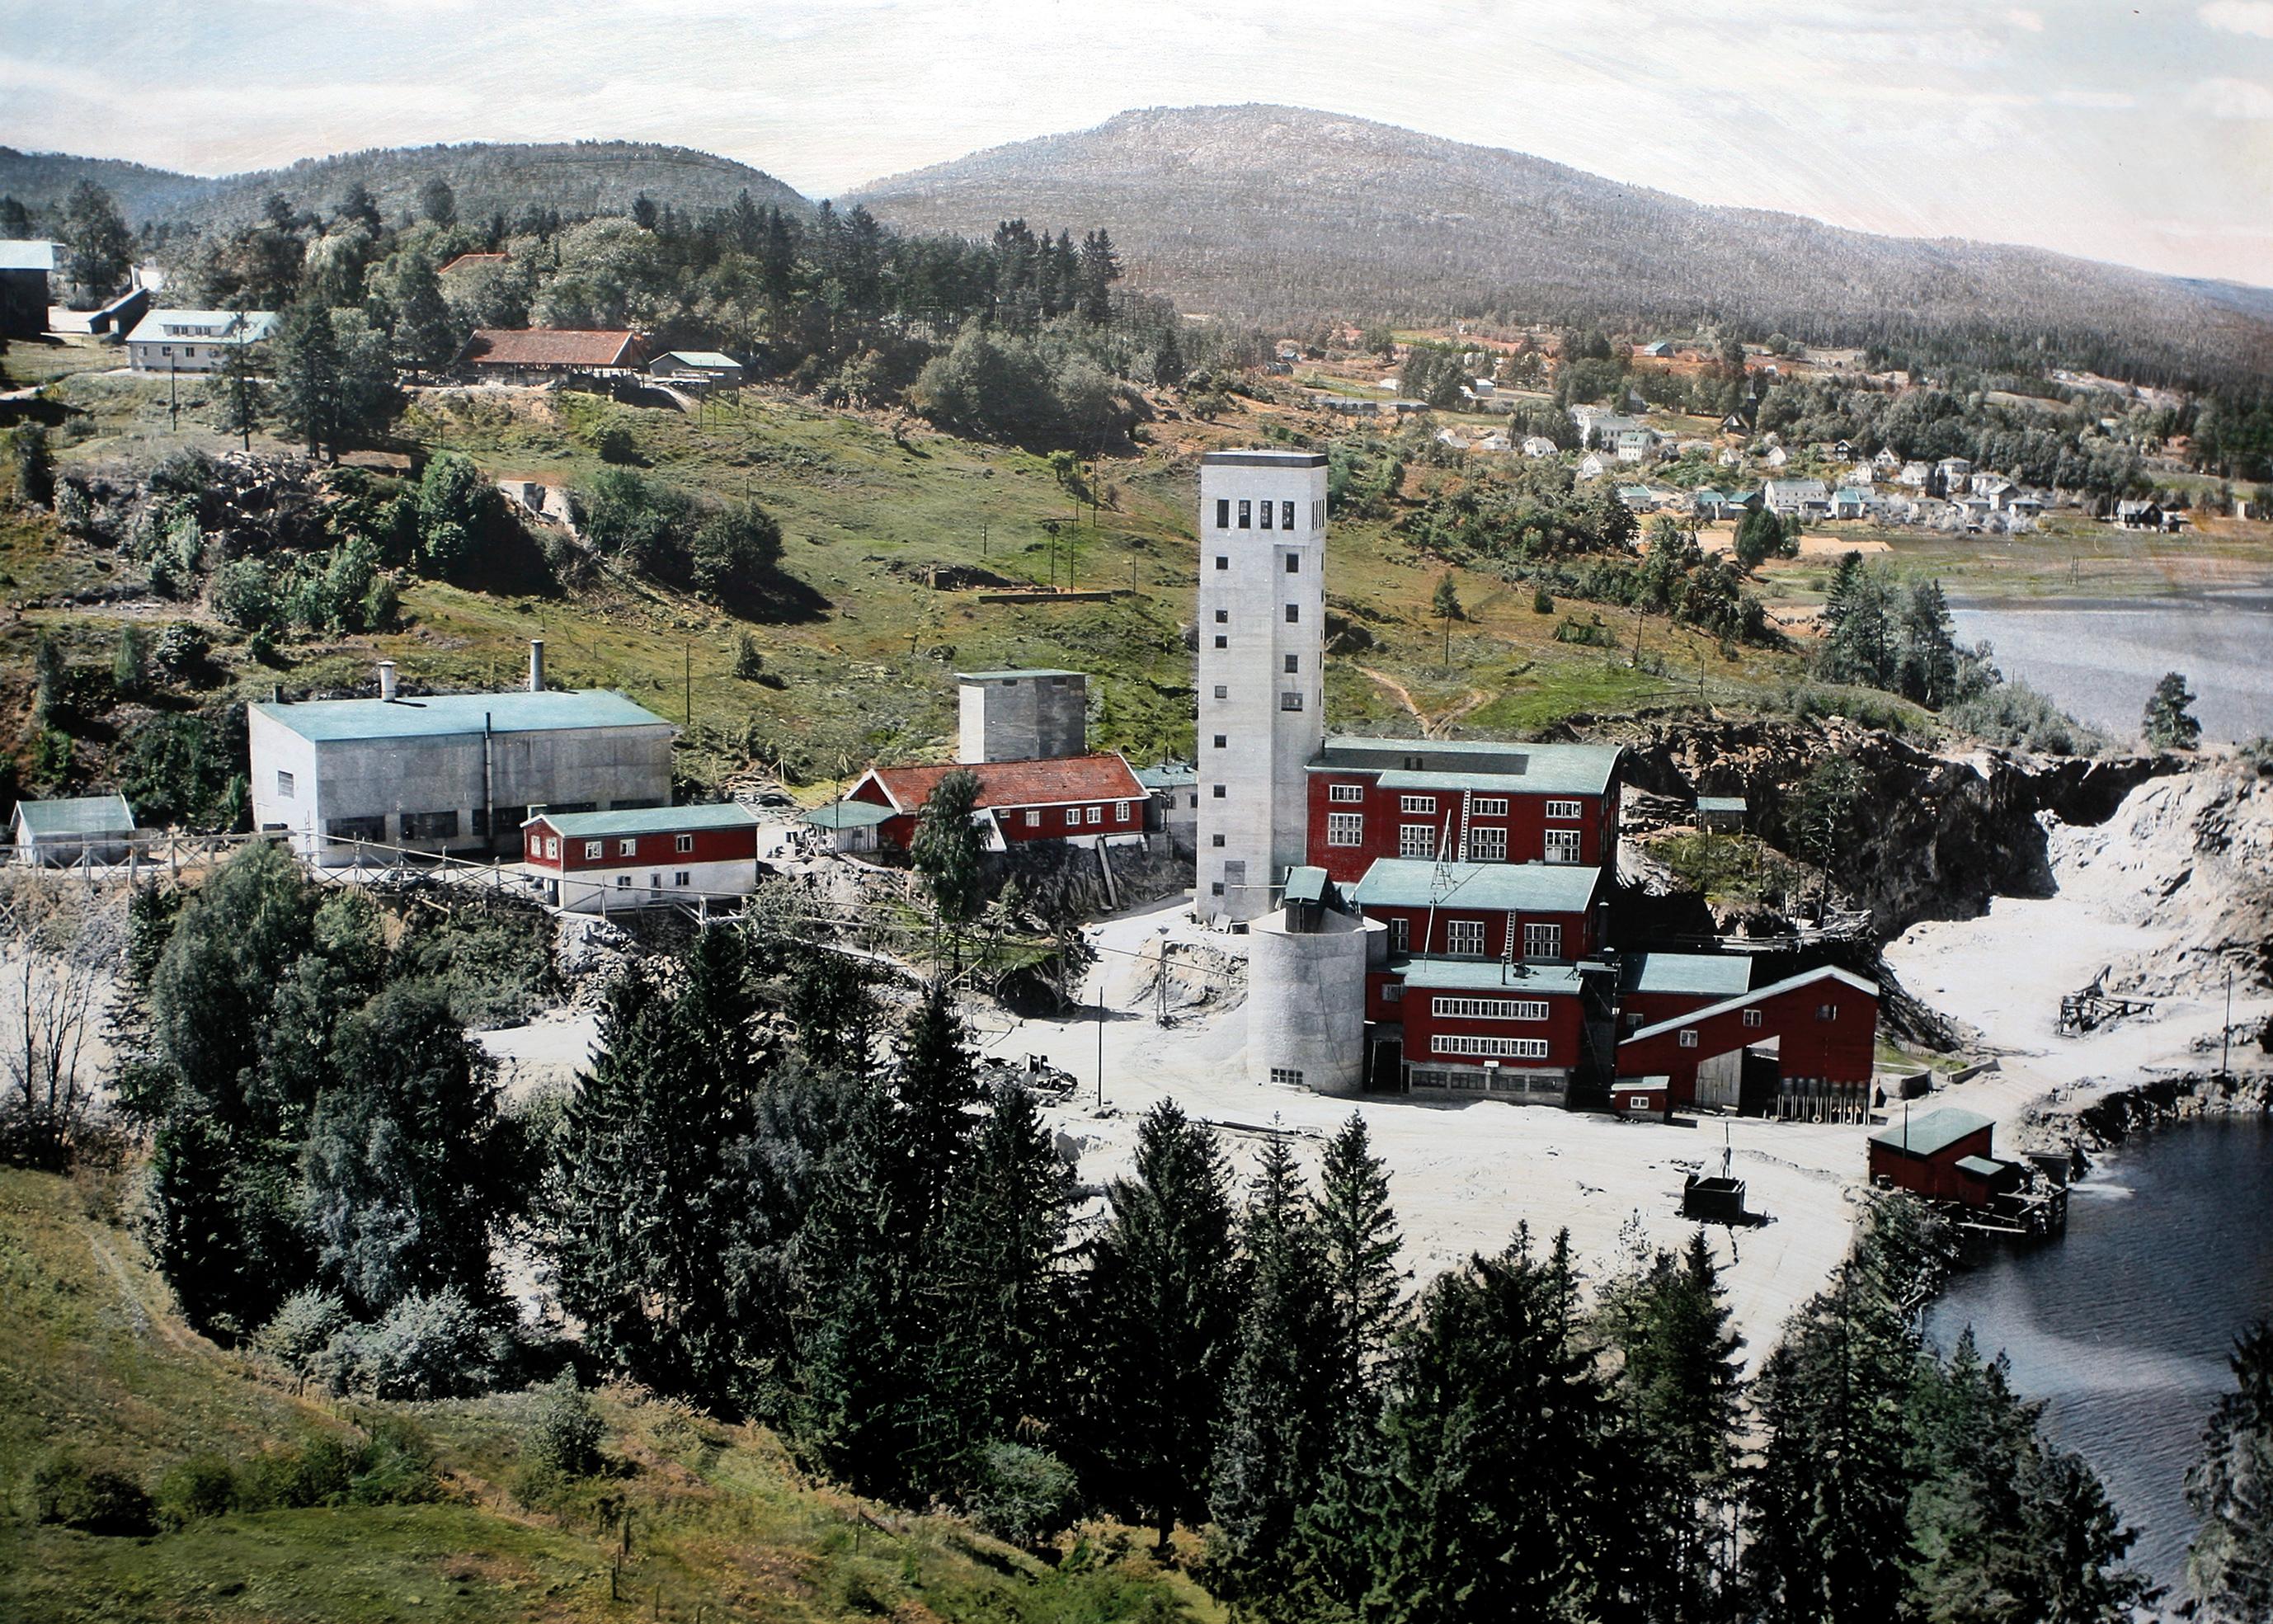 Den gamle fabrikken Ulefoss Jærnverk. Det er Norges eldtste industribedrift som er i drift den dag i dag.